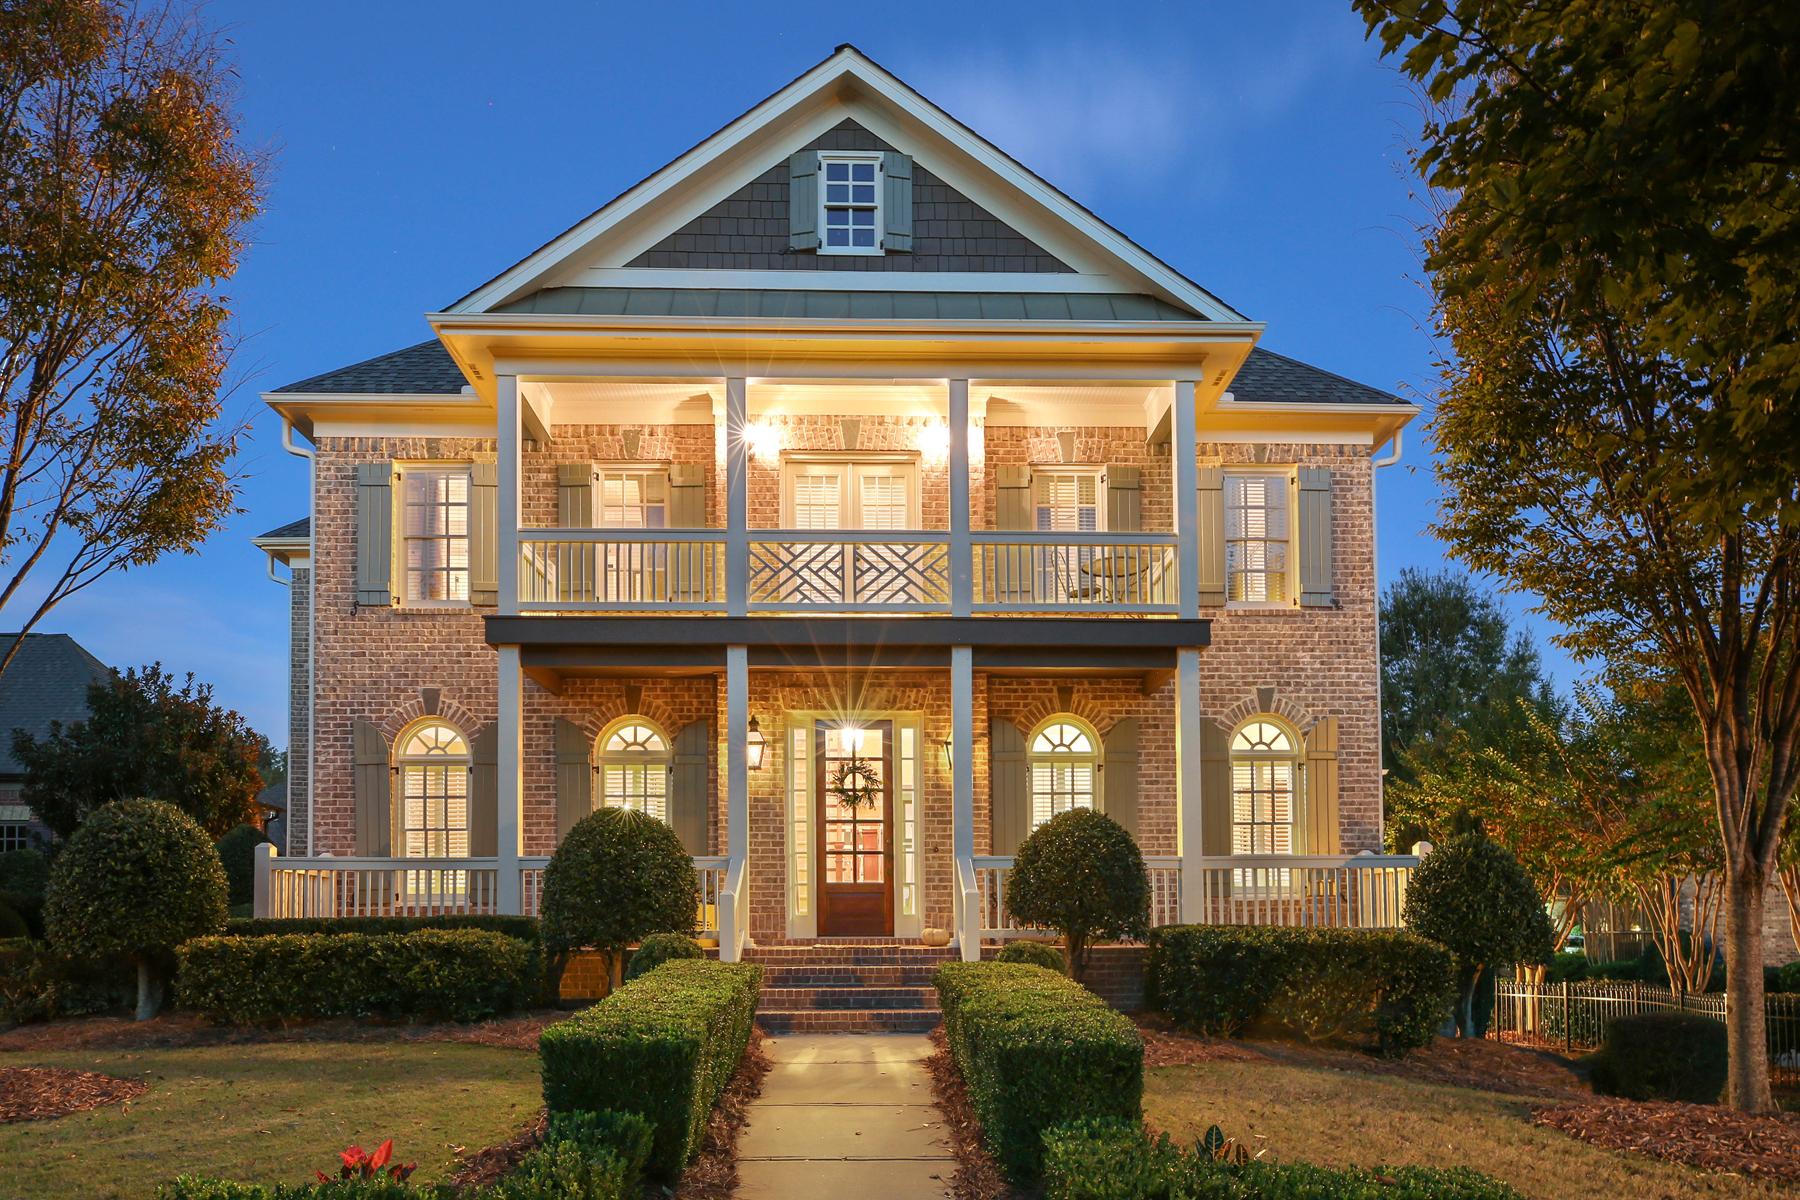 단독 가정 주택 용 매매 에 Quintessential Traditional Southern Home 12525 Needham Street Alpharetta, 조지아 30004 미국